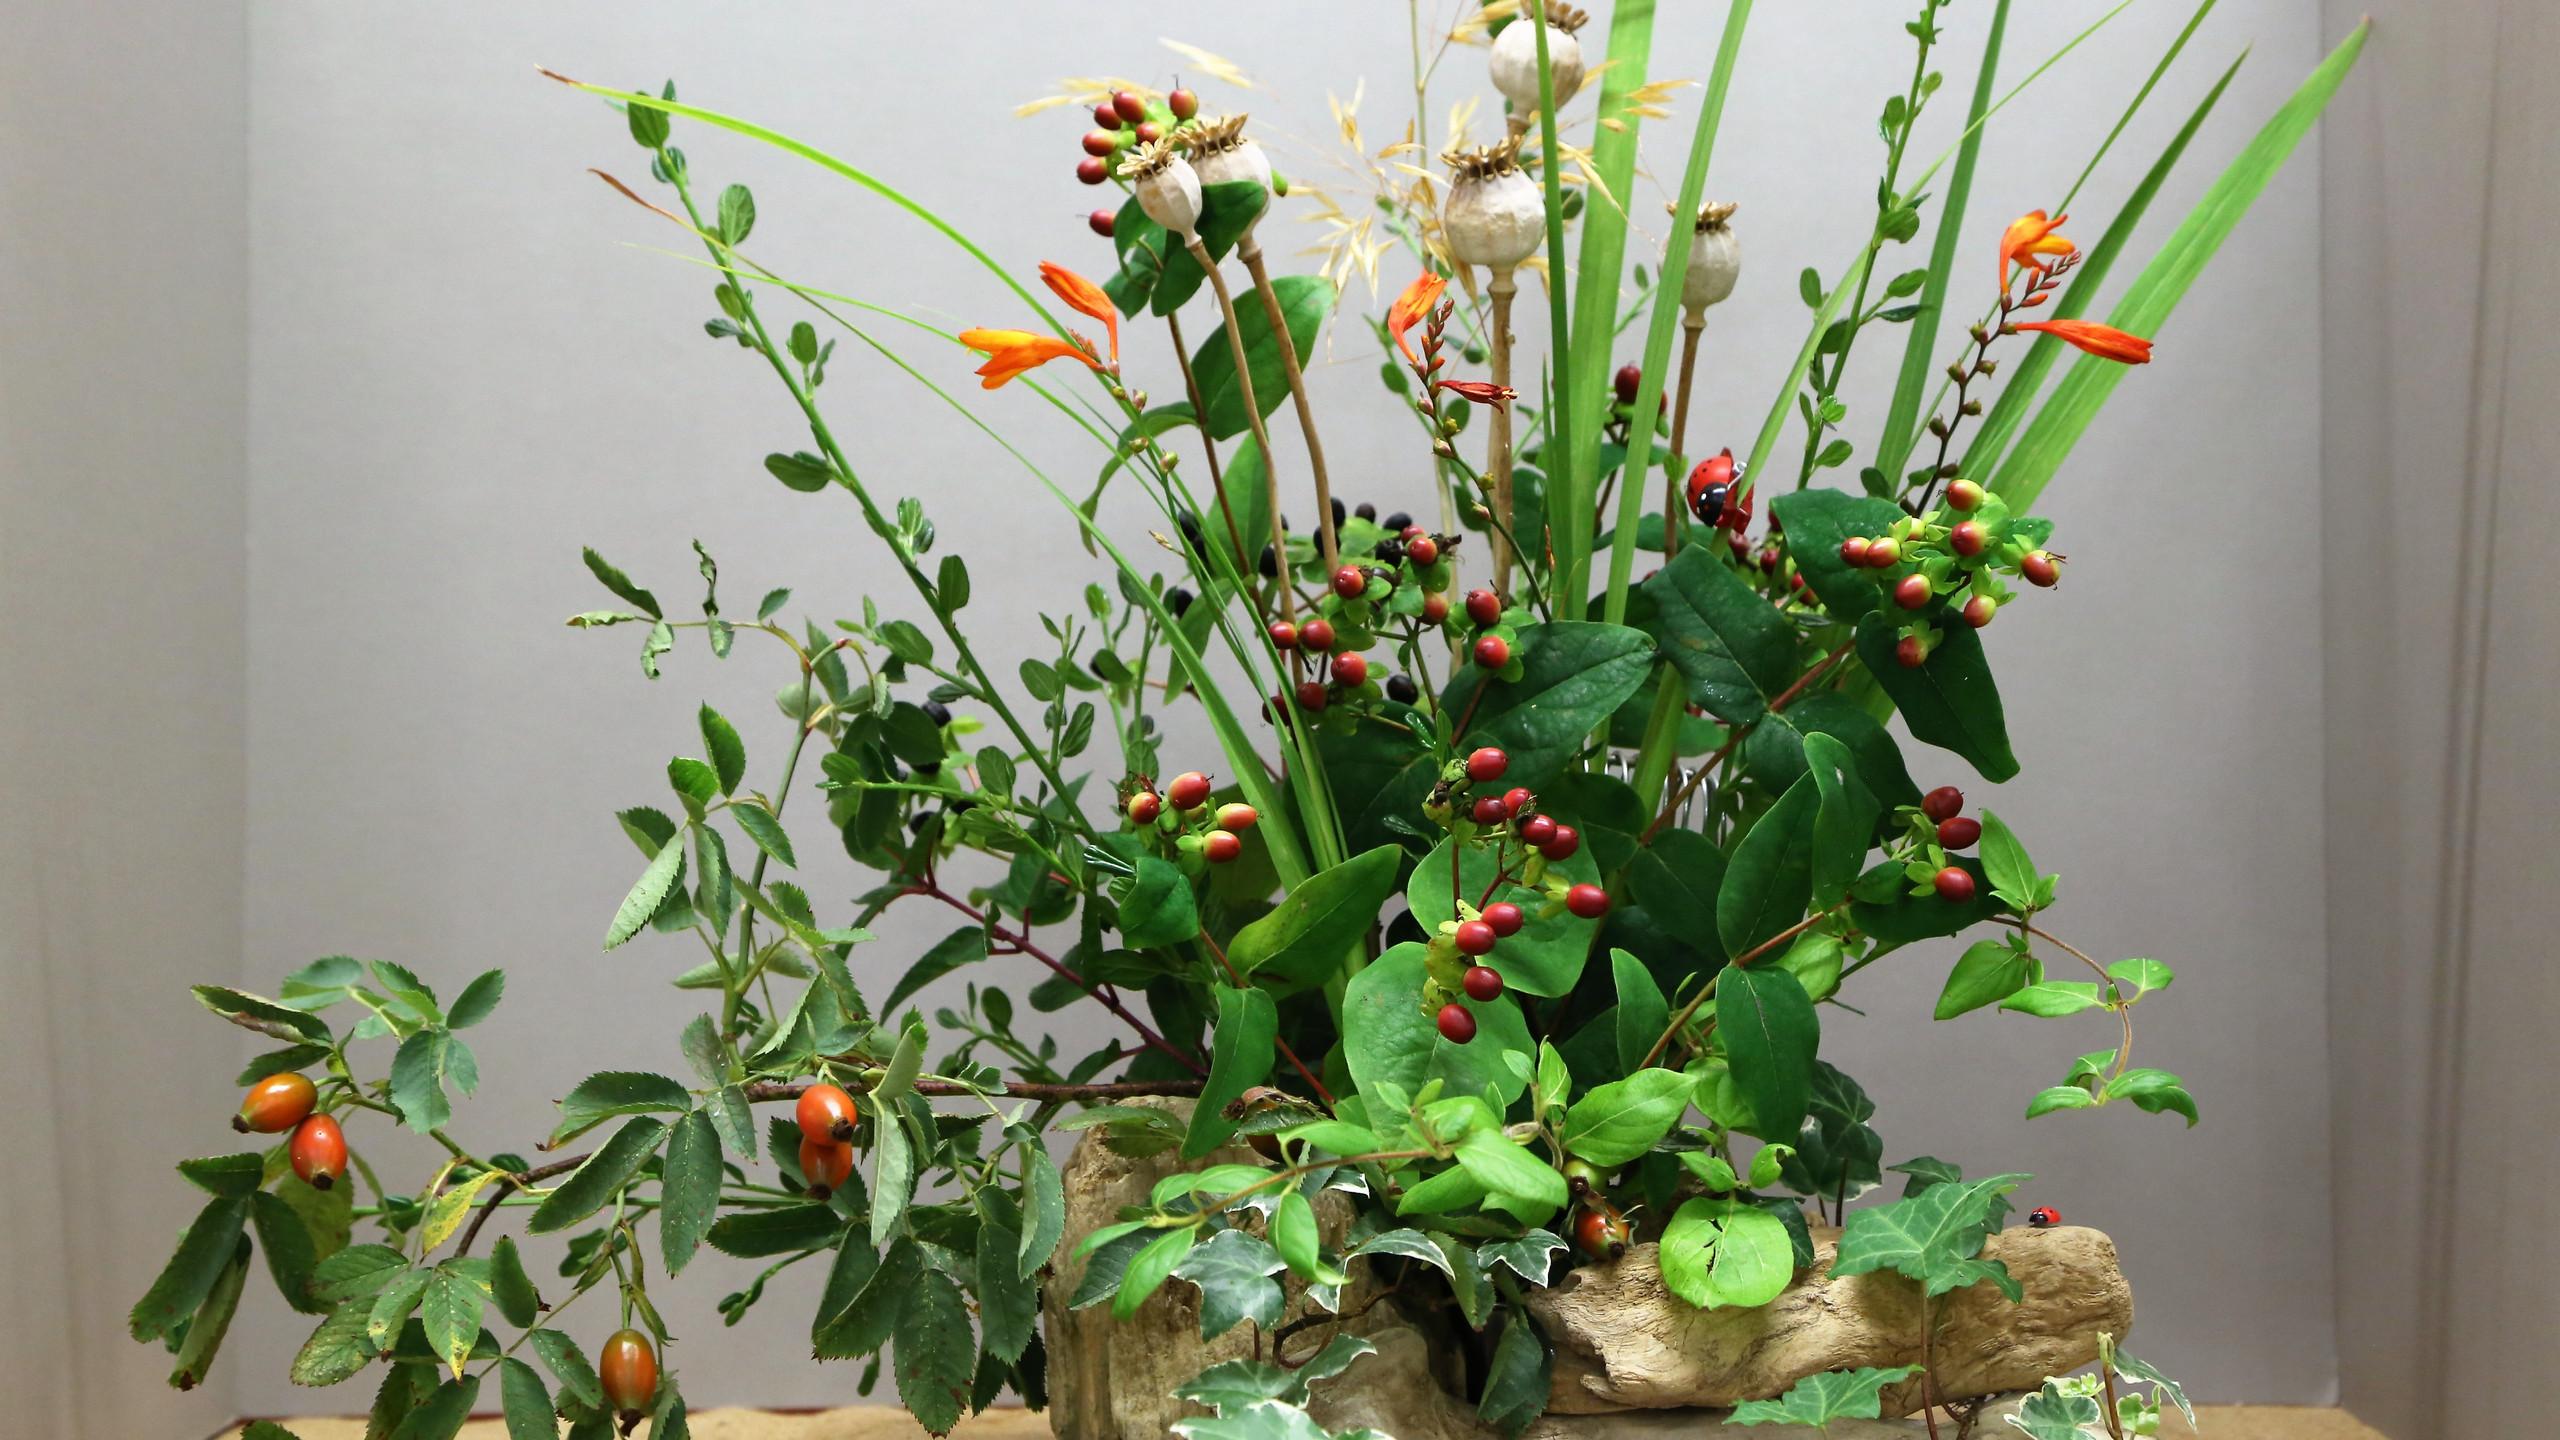 Floral display 2